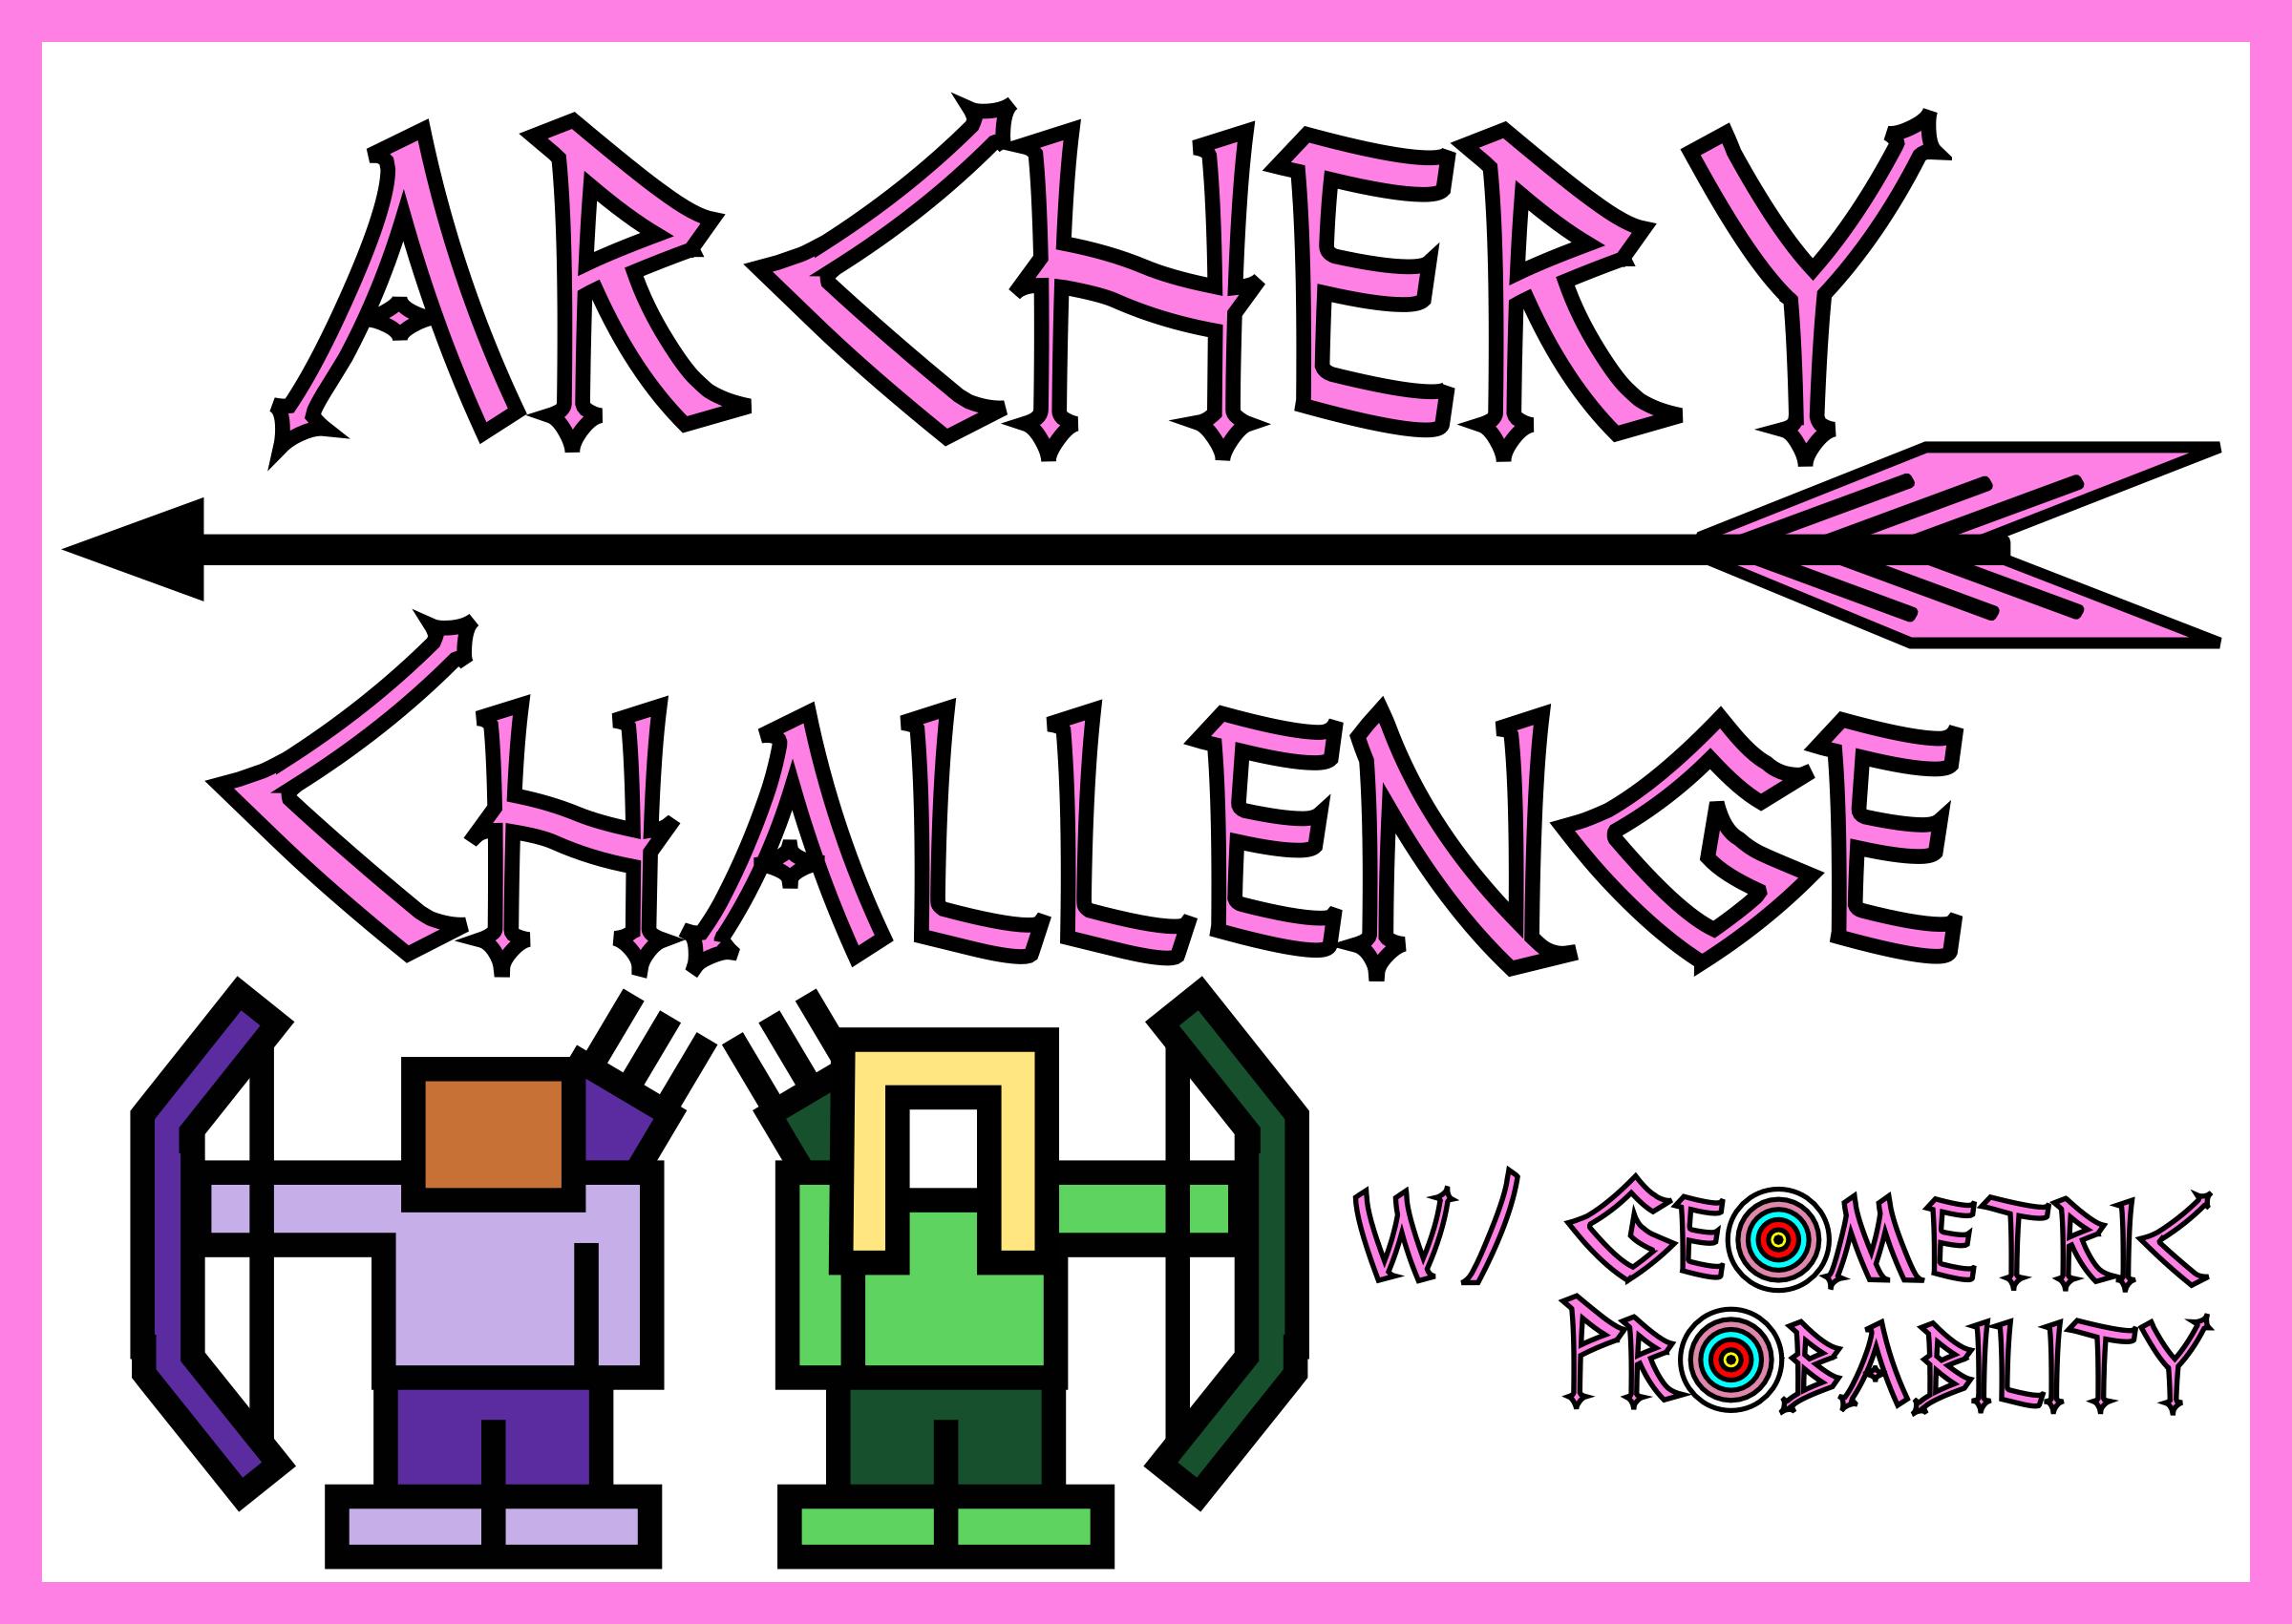 Archery Challenge With Geometric Probability – Geometric Probability Worksheet